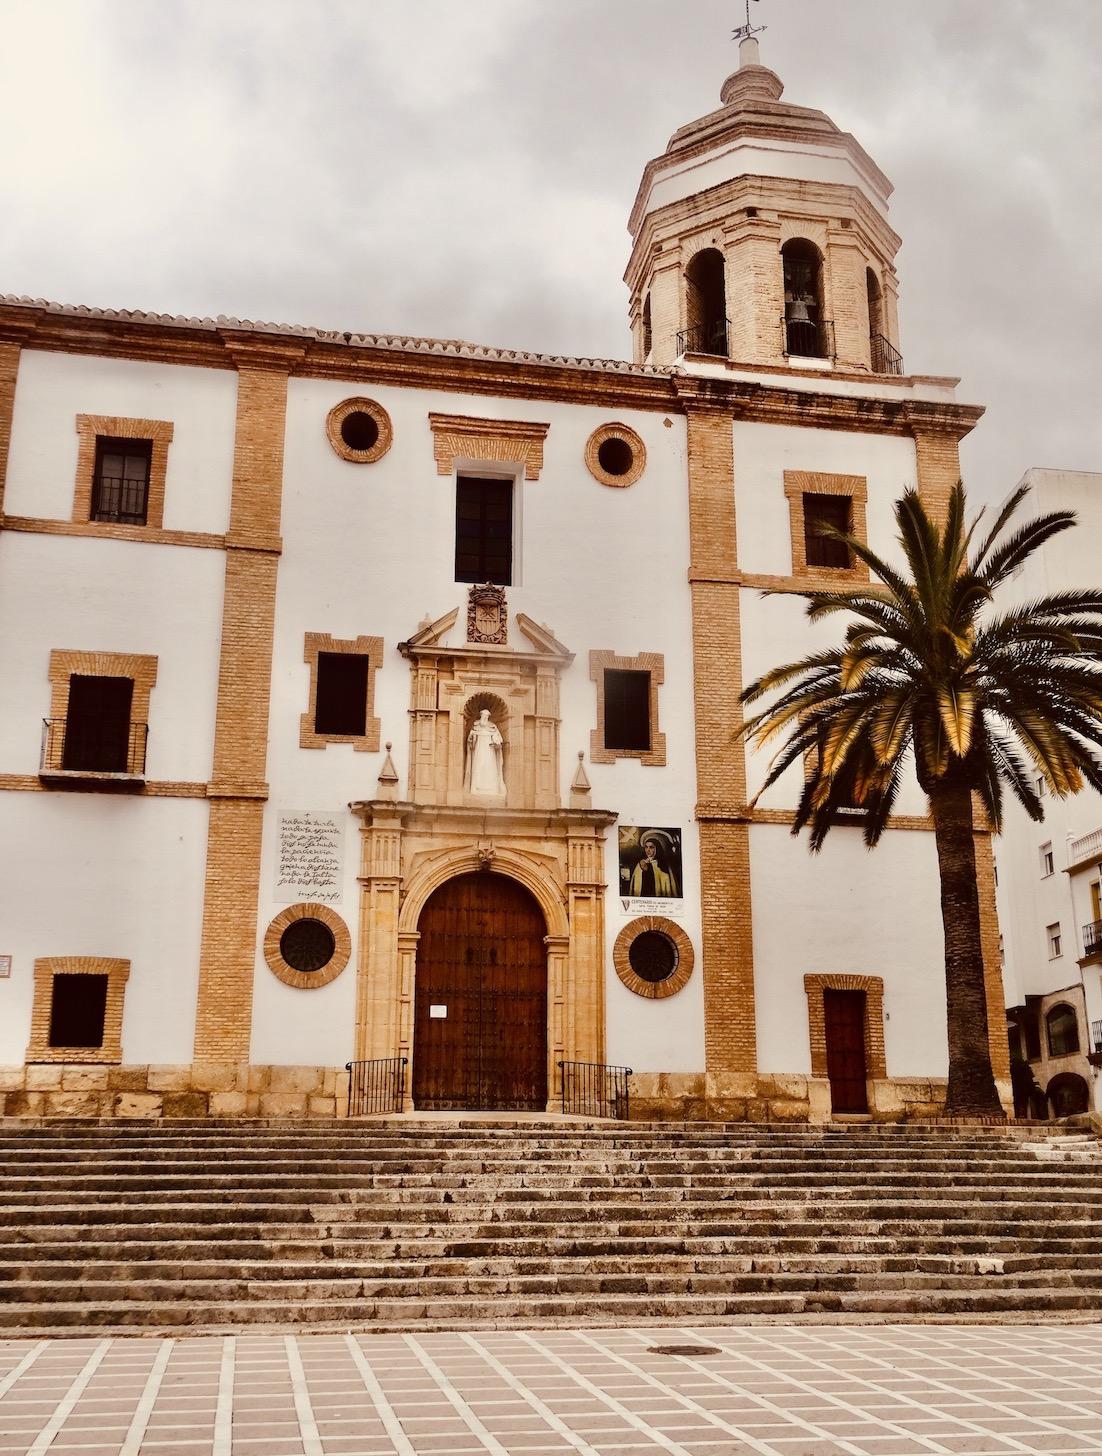 Iglesia de Nuestra Senora de la Merced Ronda Spain.